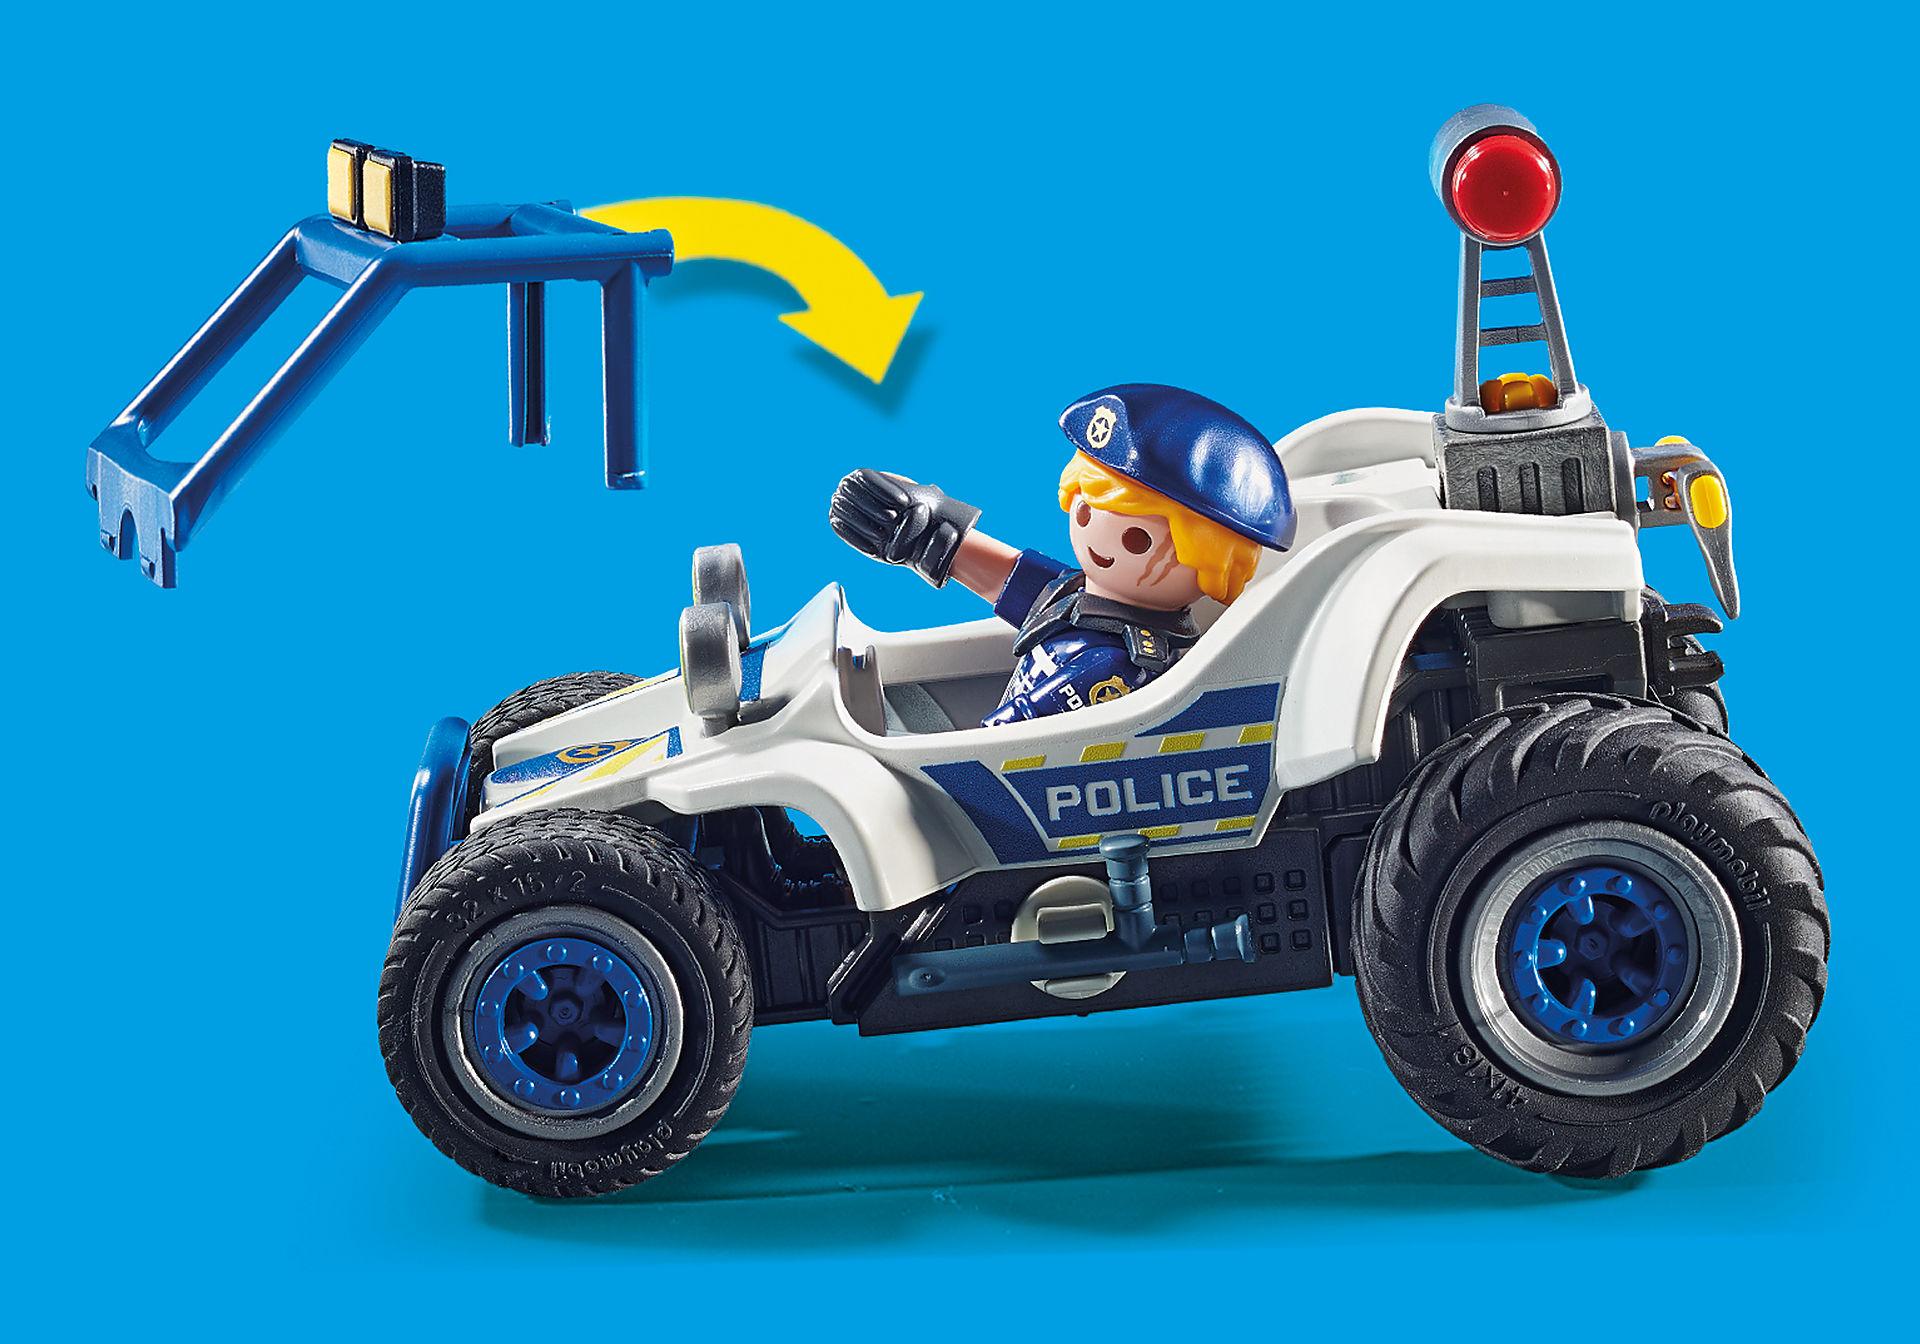 70570 Rendőrségi off-road jármű: Ékszertolvaj nyomában zoom image5